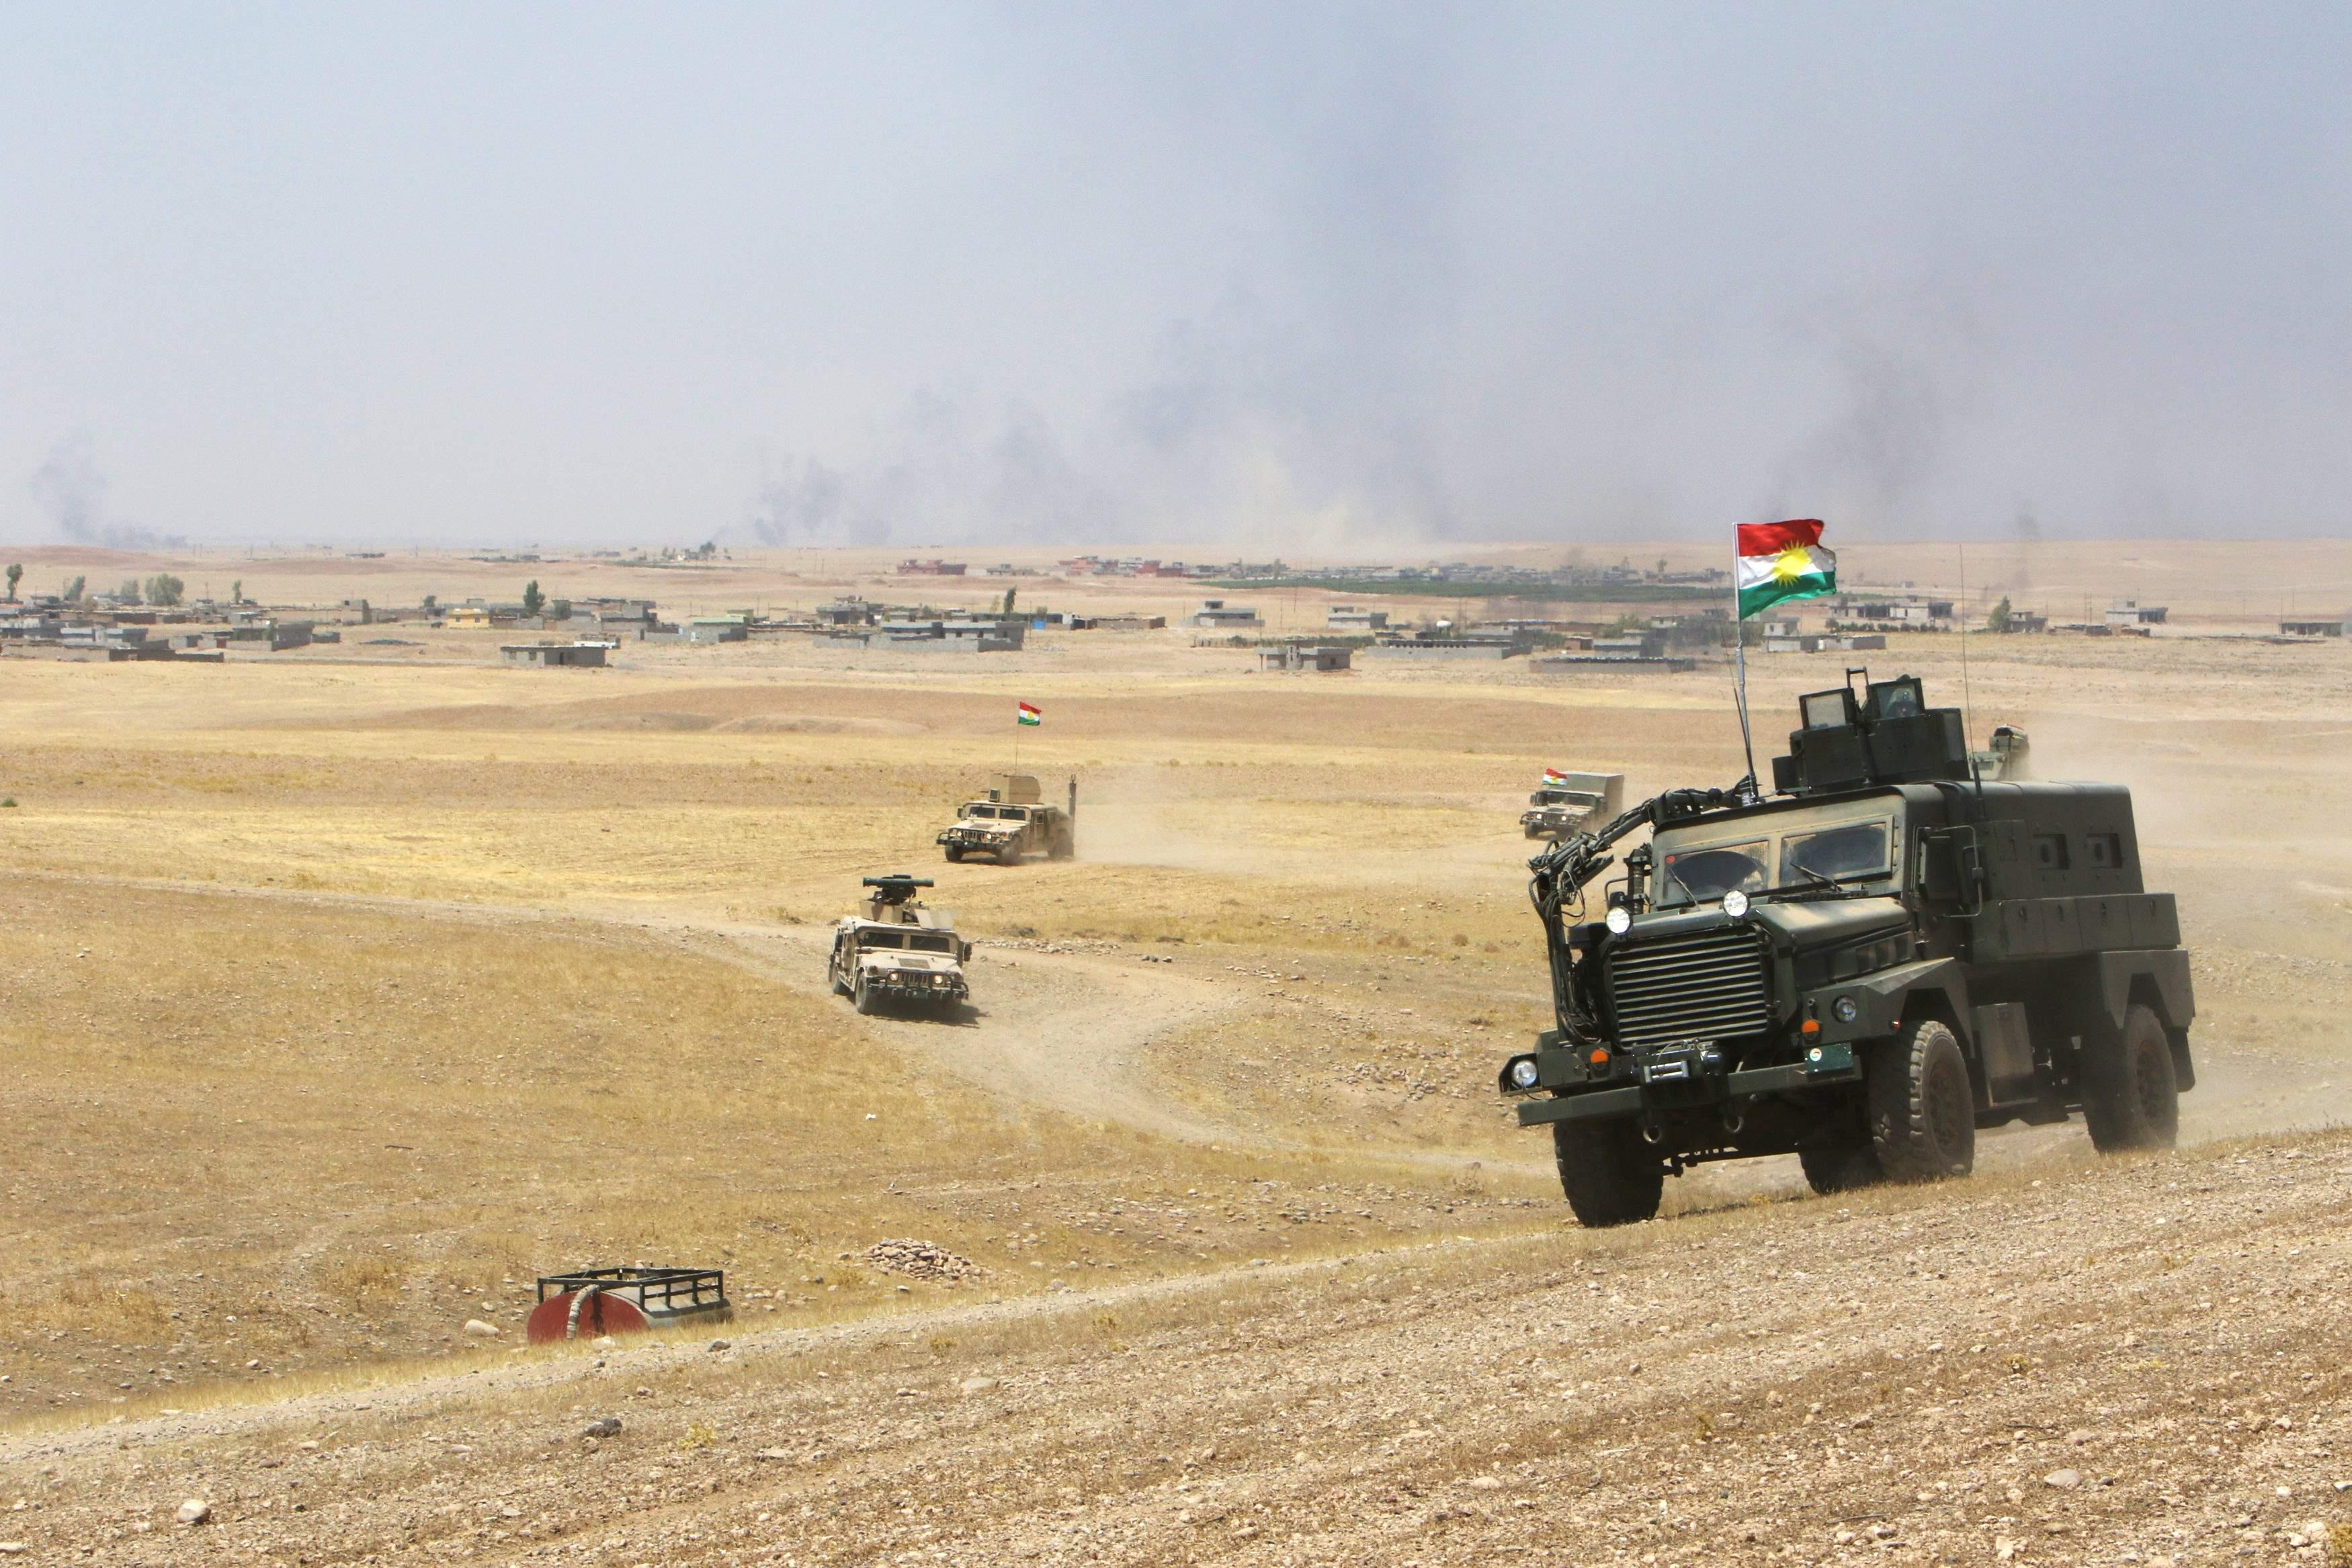 EEUU enviará más tropas a Irak para ayudar a las fuerzas iraquíes en la batalla por Mosul